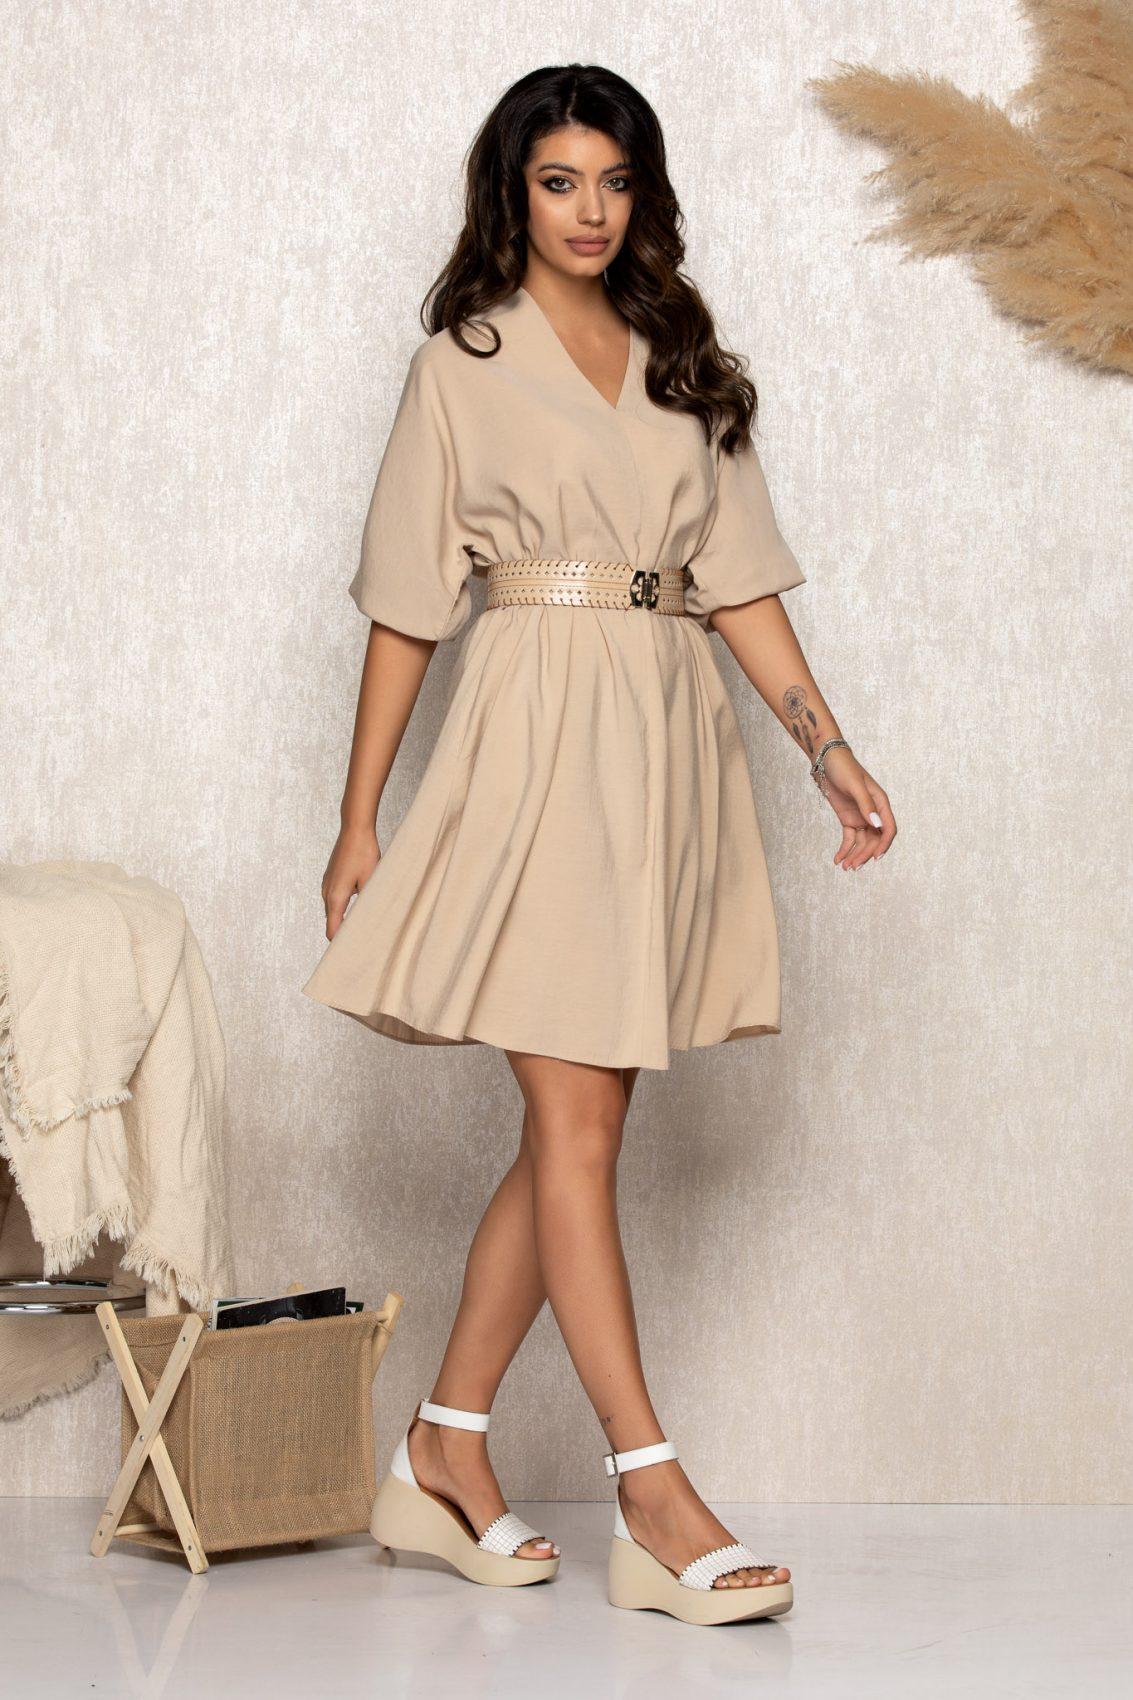 Μπεζ Φόρεμα Με Ζώνη Molly B170 1